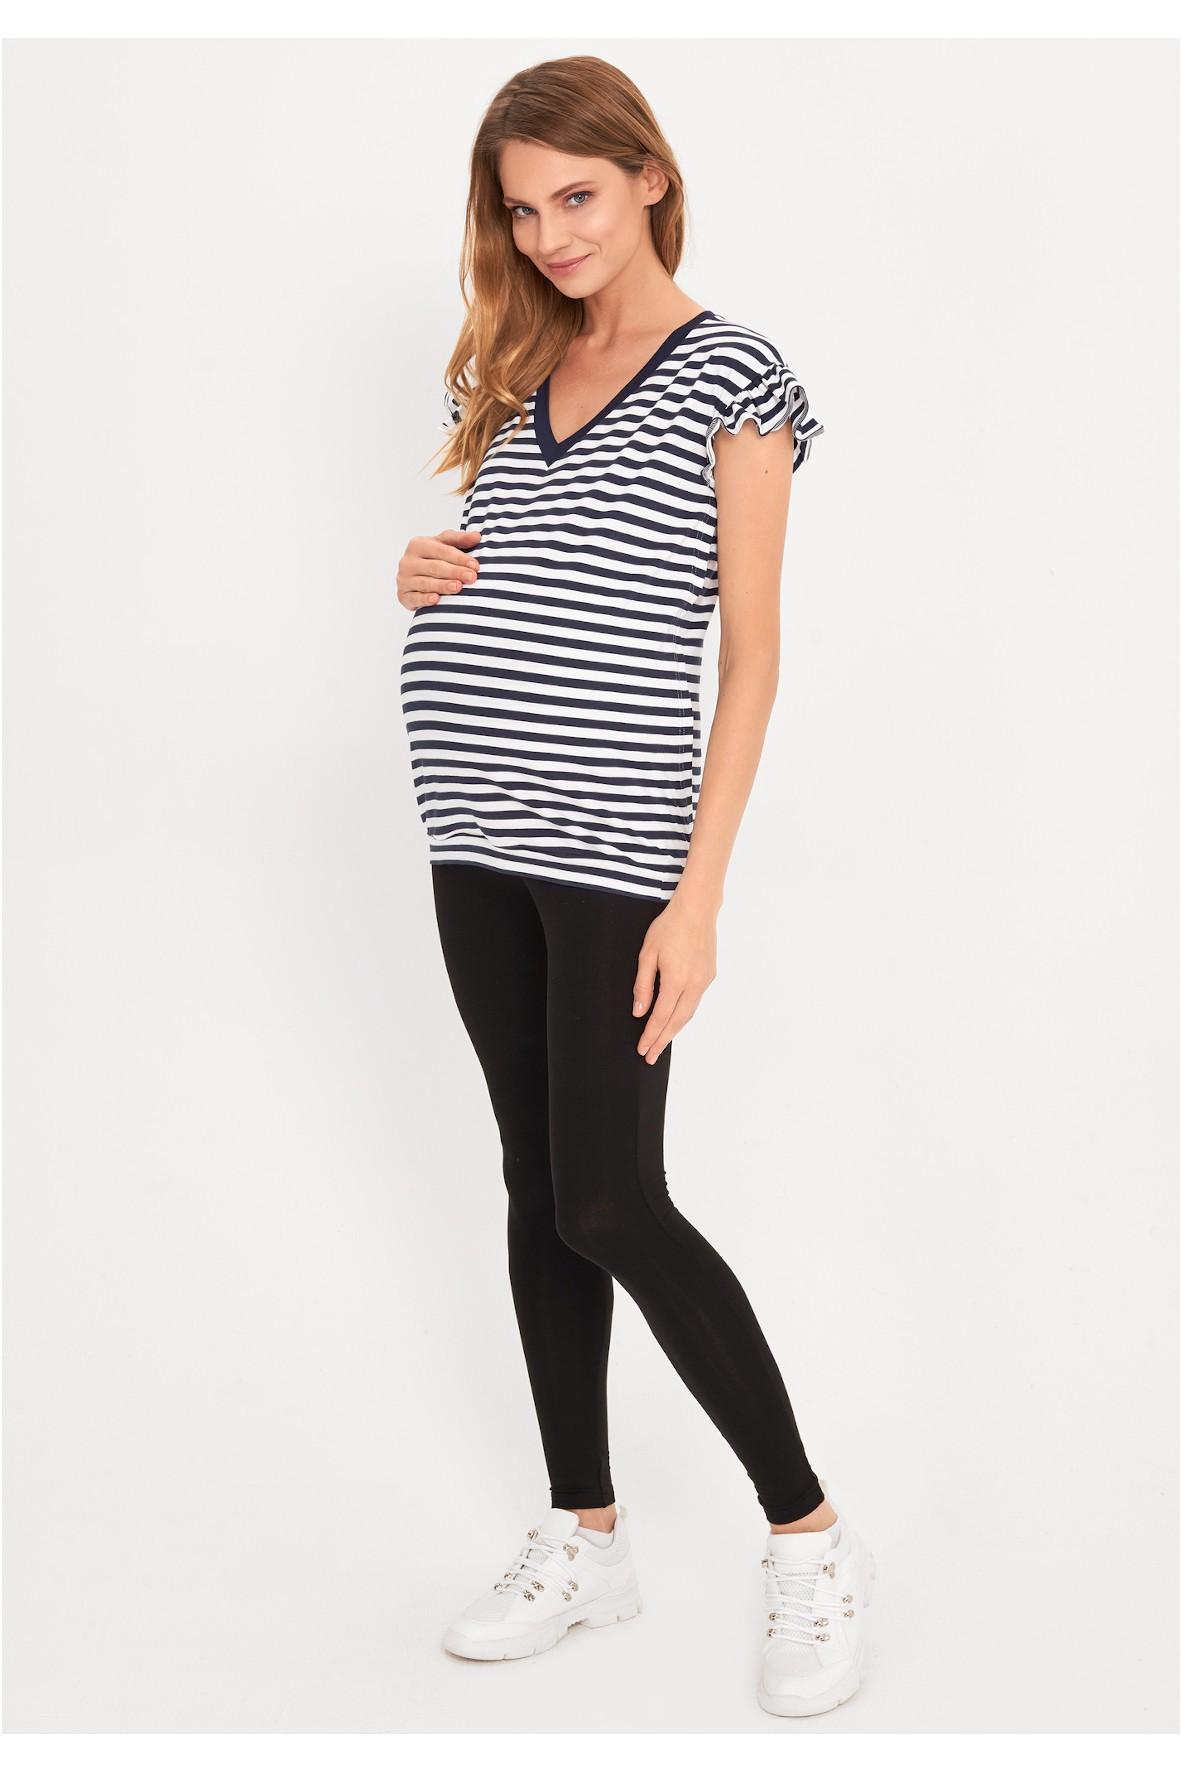 T-shirt ciążowy i dla karmiącej - granatowo-białe paski